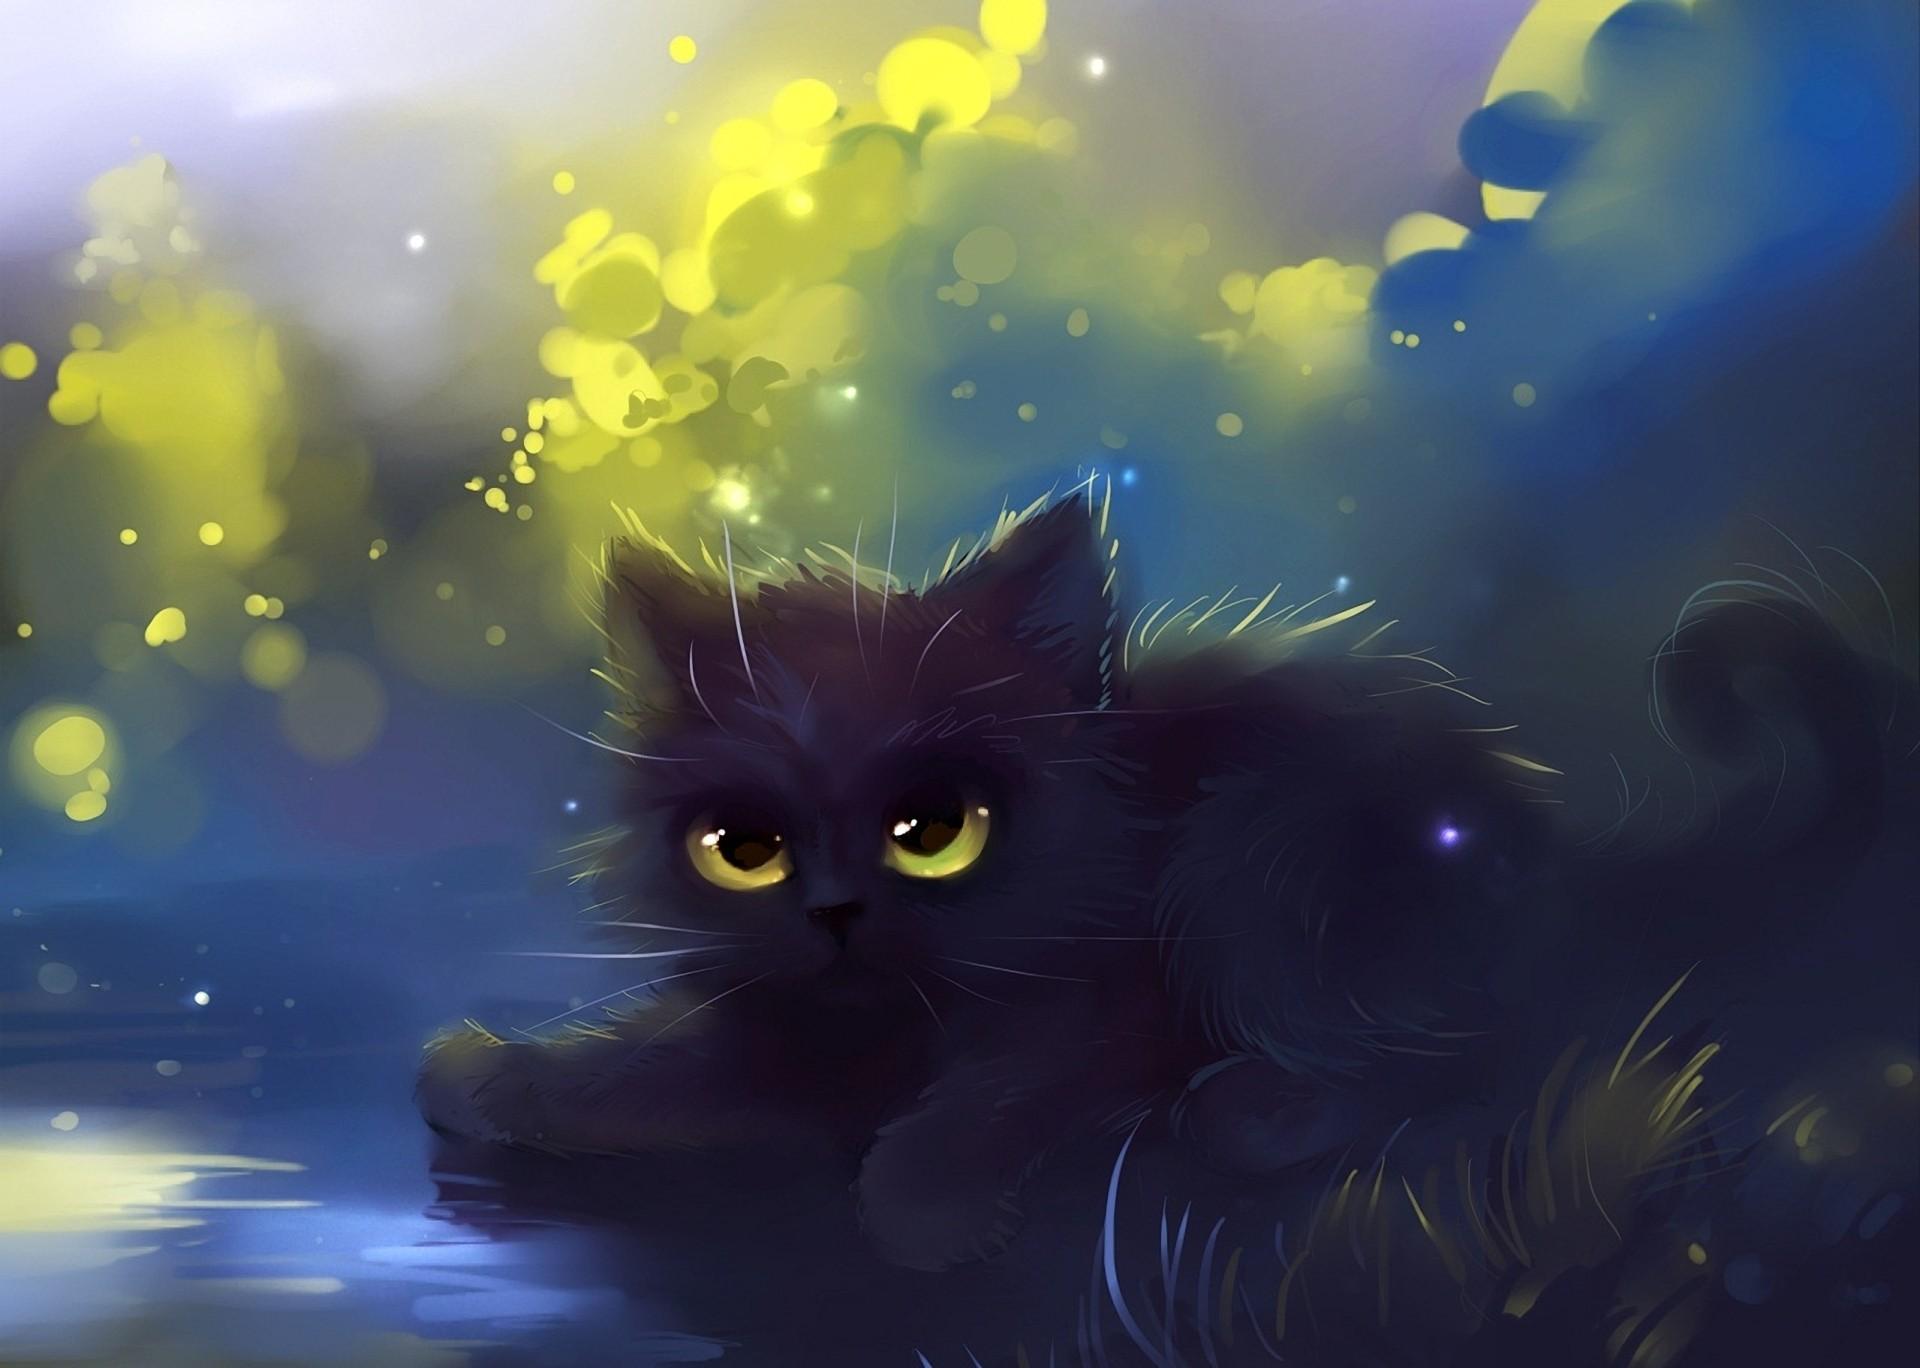 pin Drawn kittens cat wallpaper #3